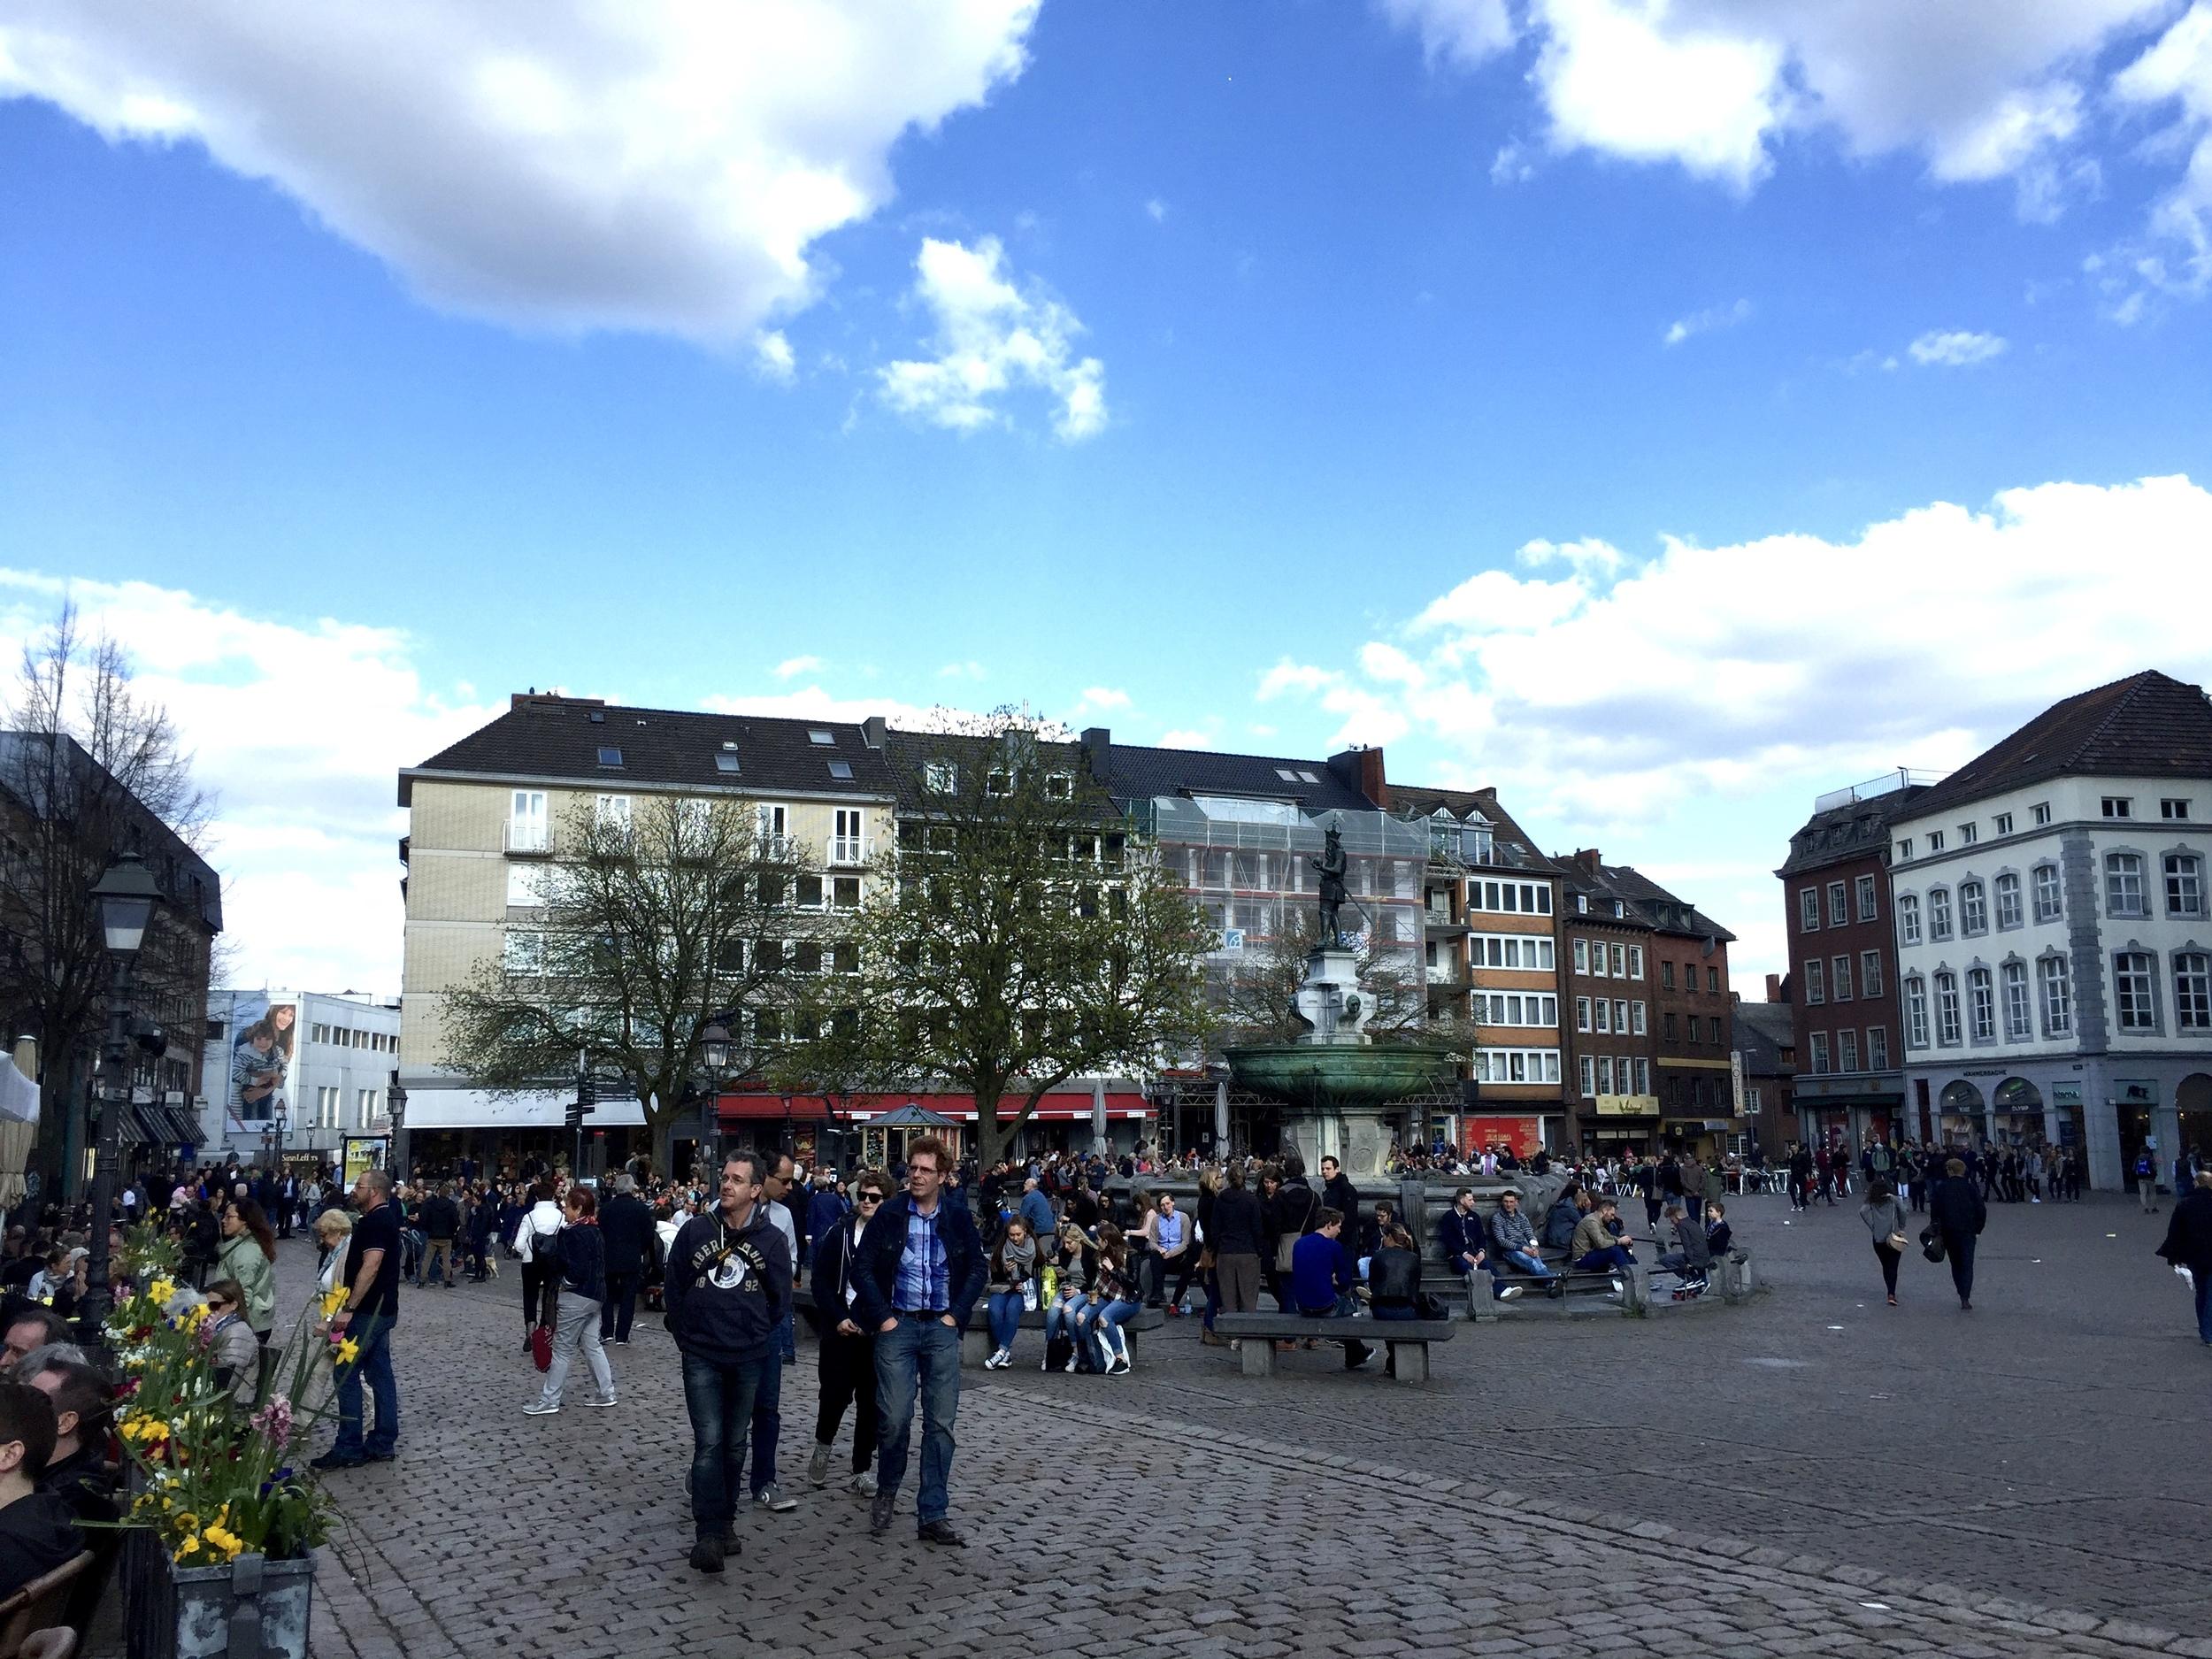 A busy Saturday in Aachen Markt.